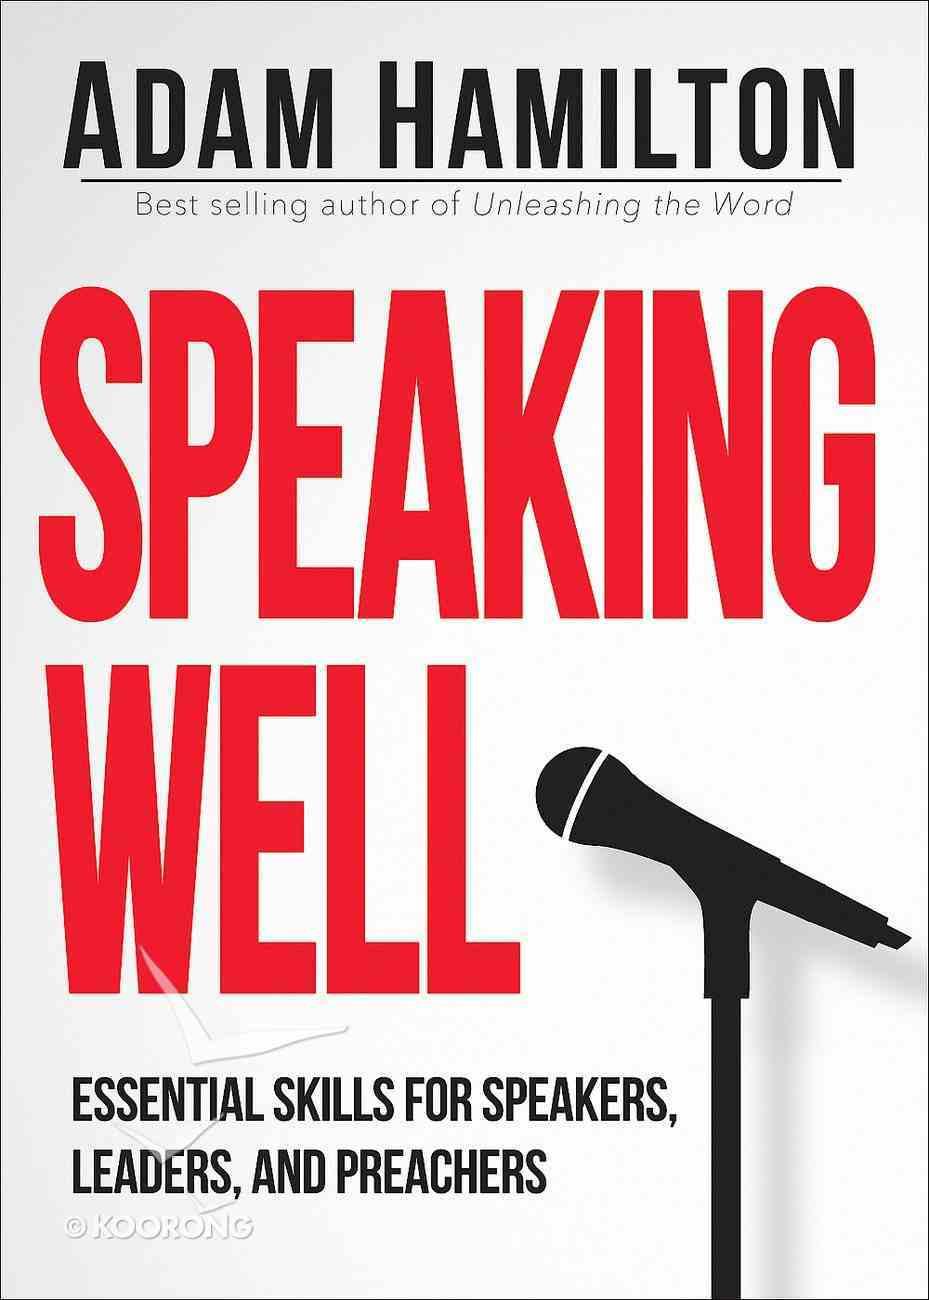 Speaking Well eBook